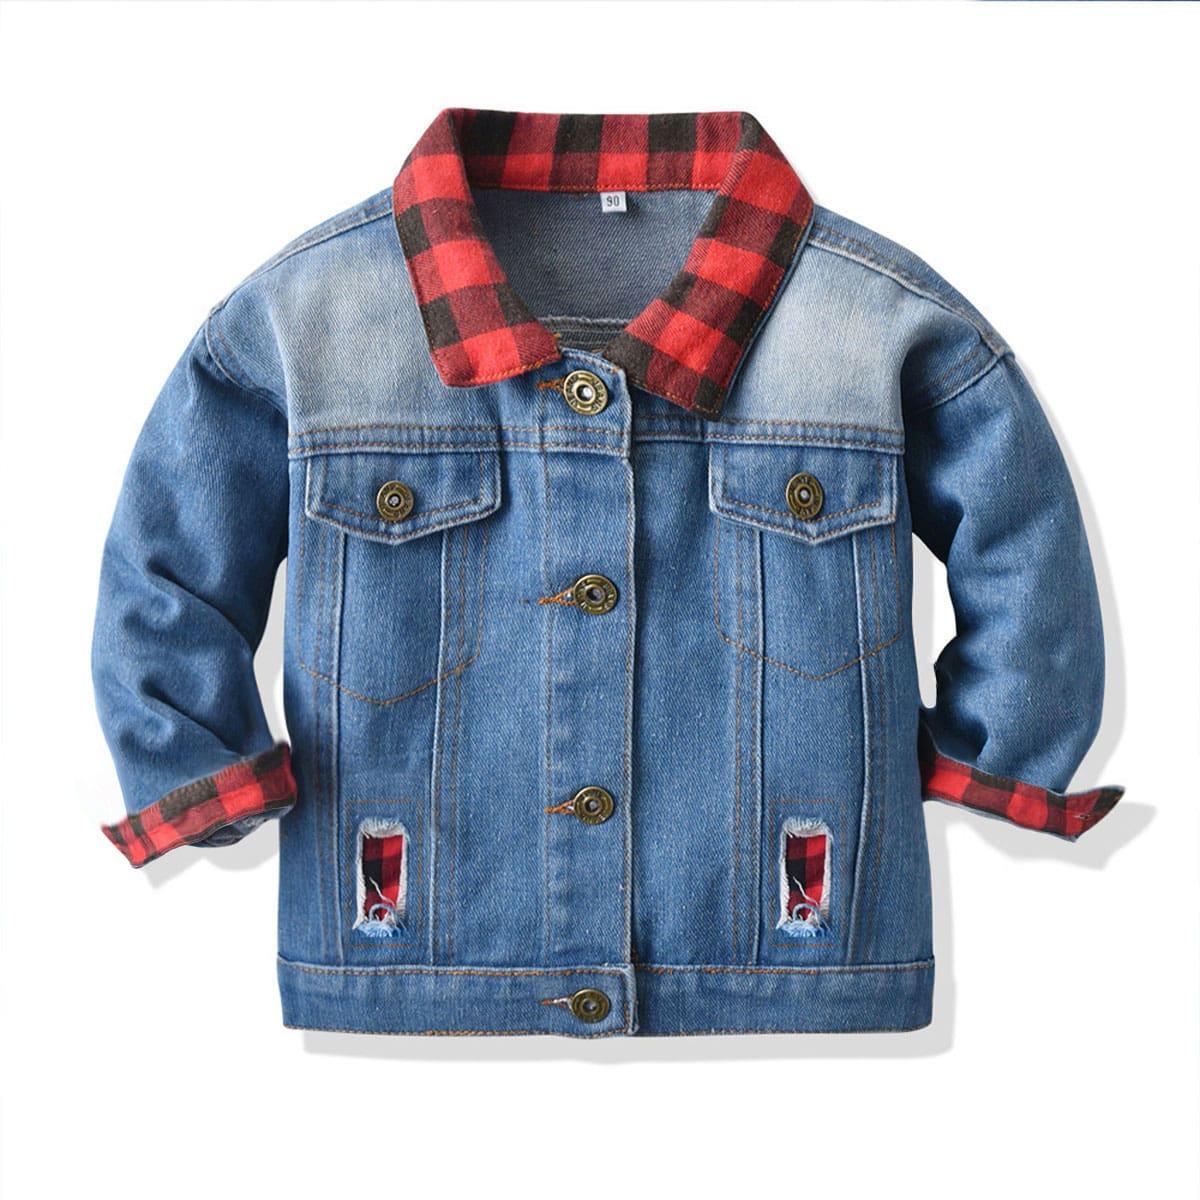 Джинсовая куртка в клетку для маленьких девочек с рваными дырочками